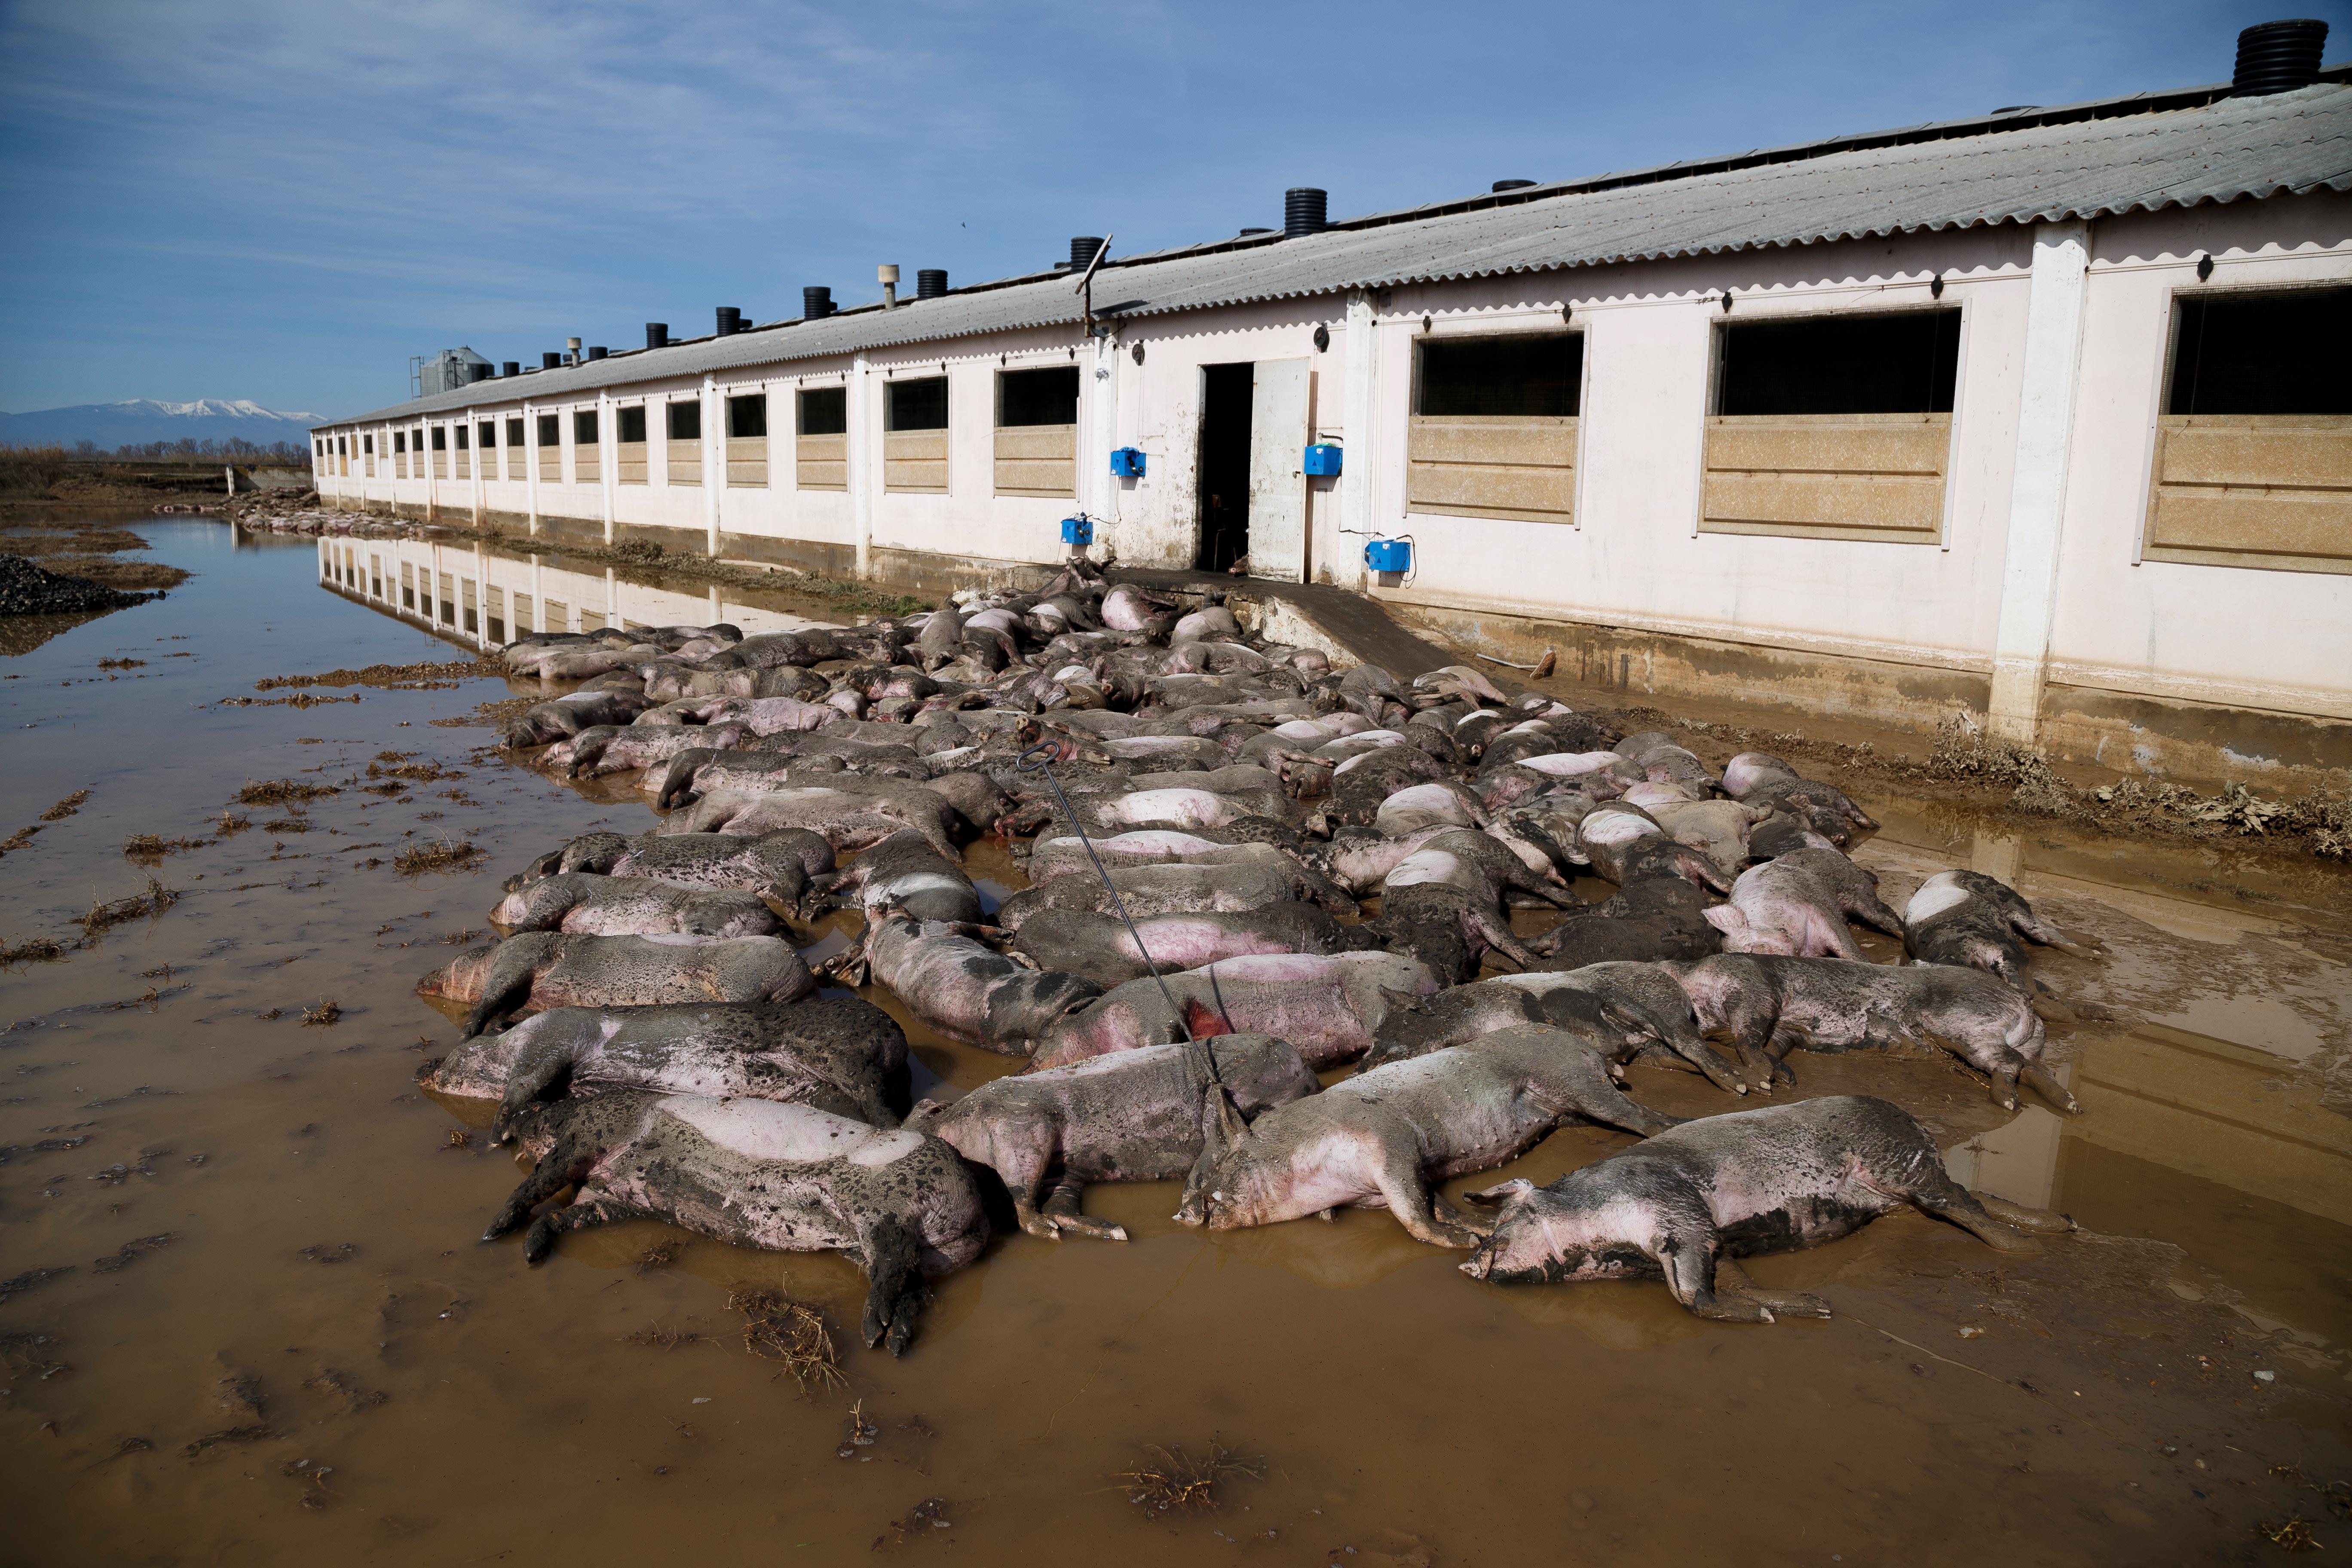 Granjas inundadas y animales ahogados por el